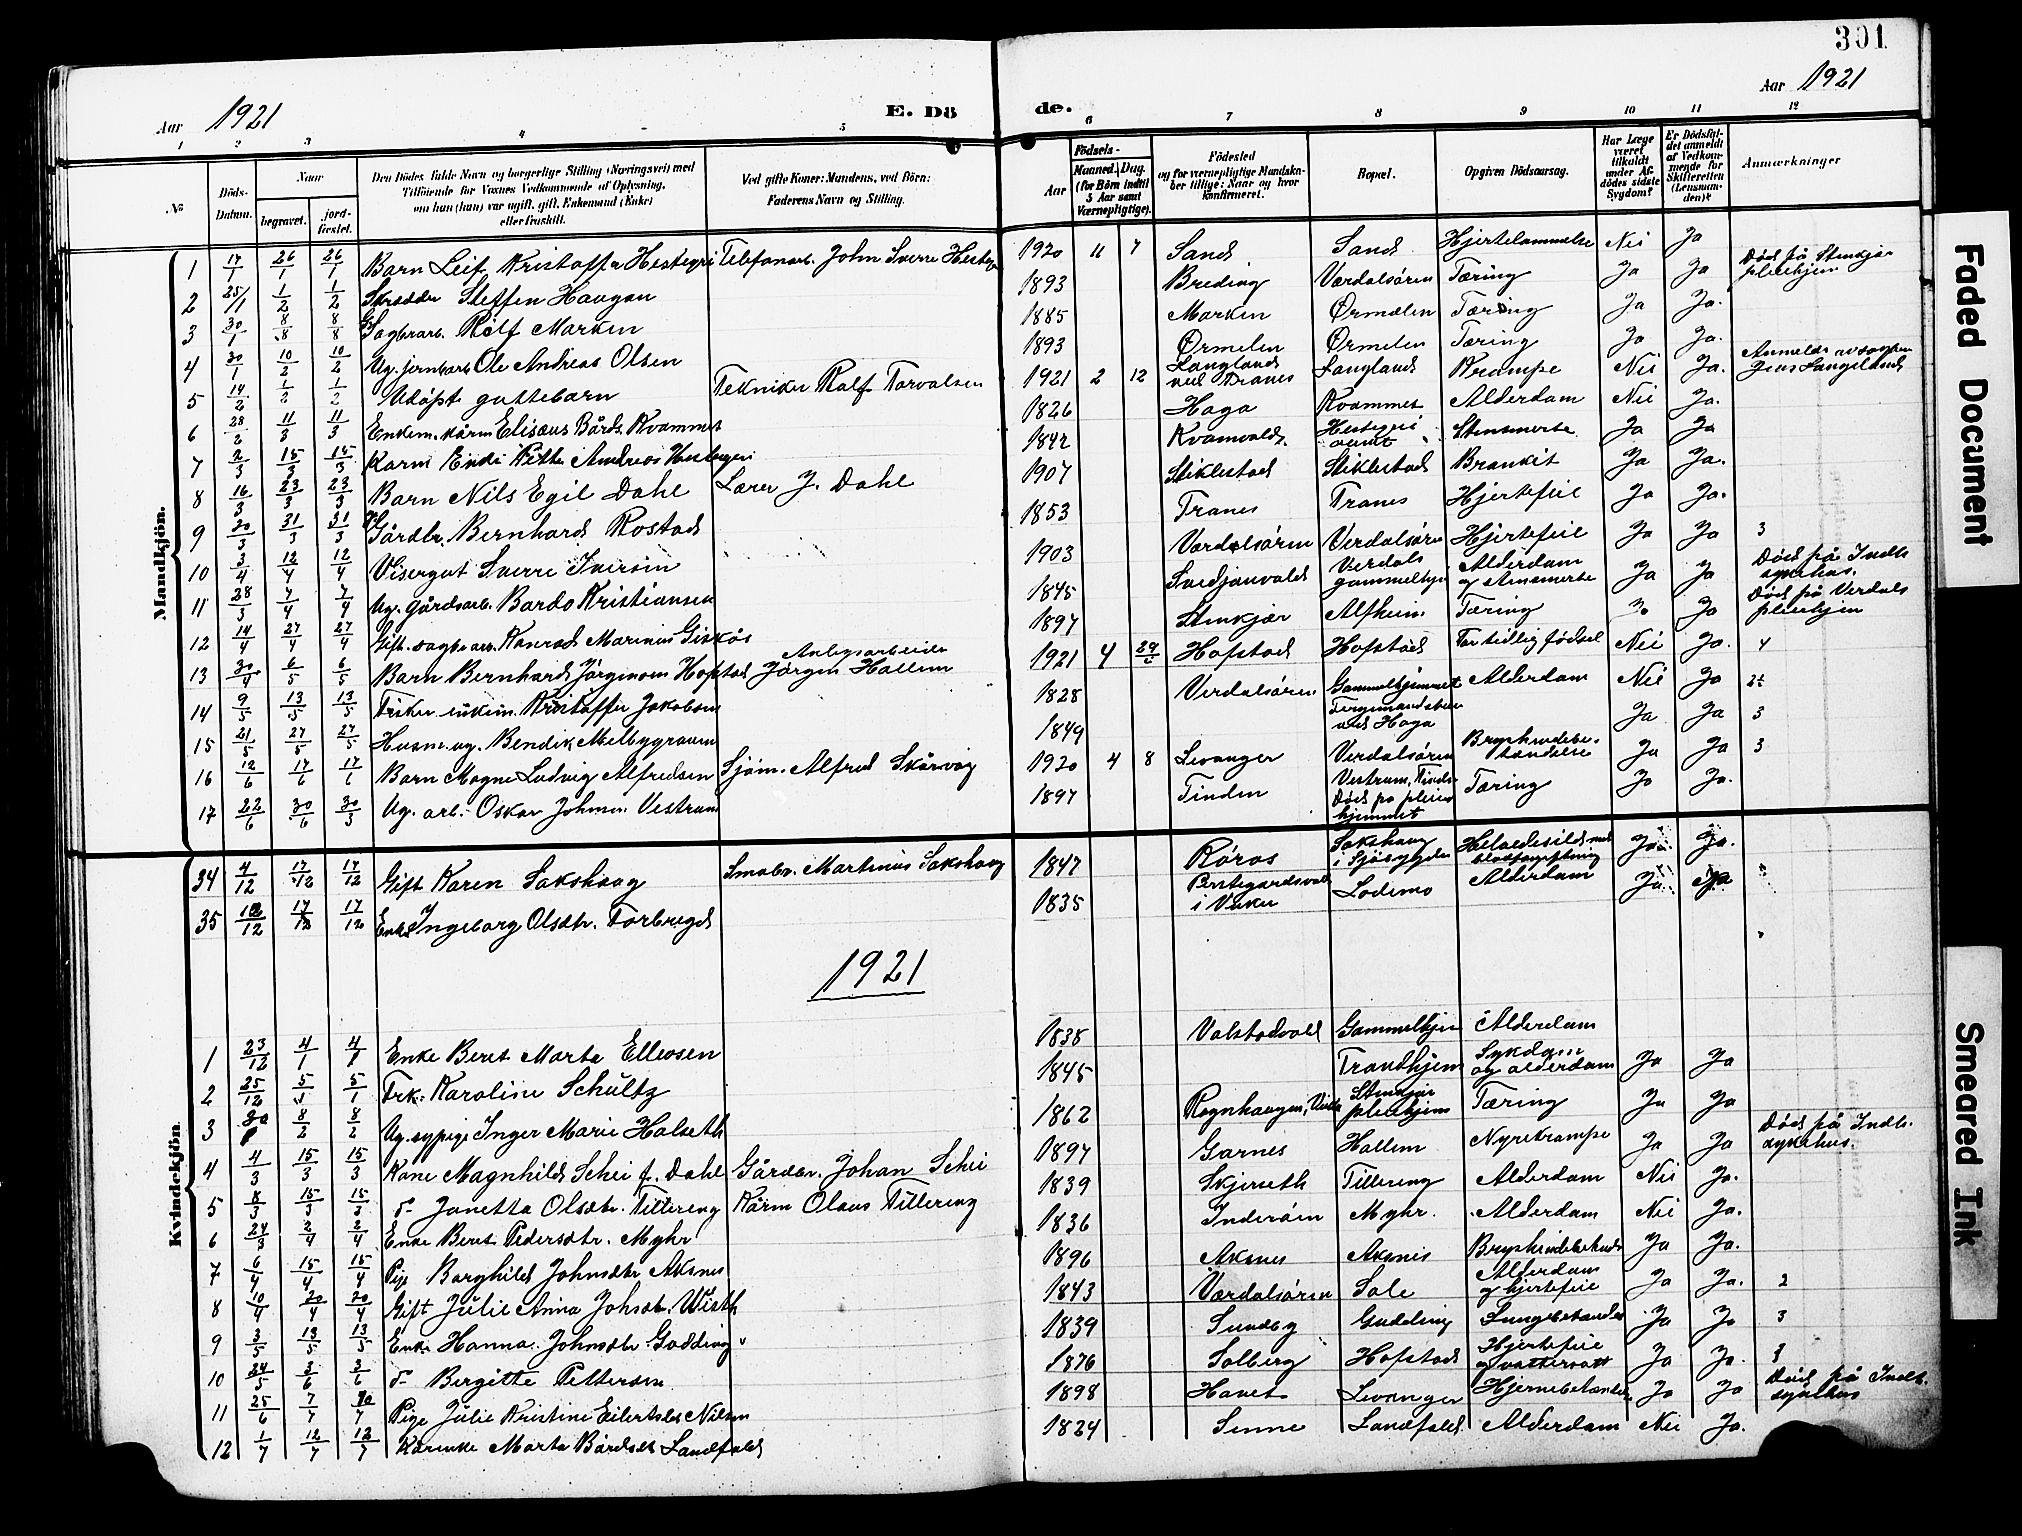 SAT, Ministerialprotokoller, klokkerbøker og fødselsregistre - Nord-Trøndelag, 723/L0258: Klokkerbok nr. 723C06, 1908-1927, s. 301